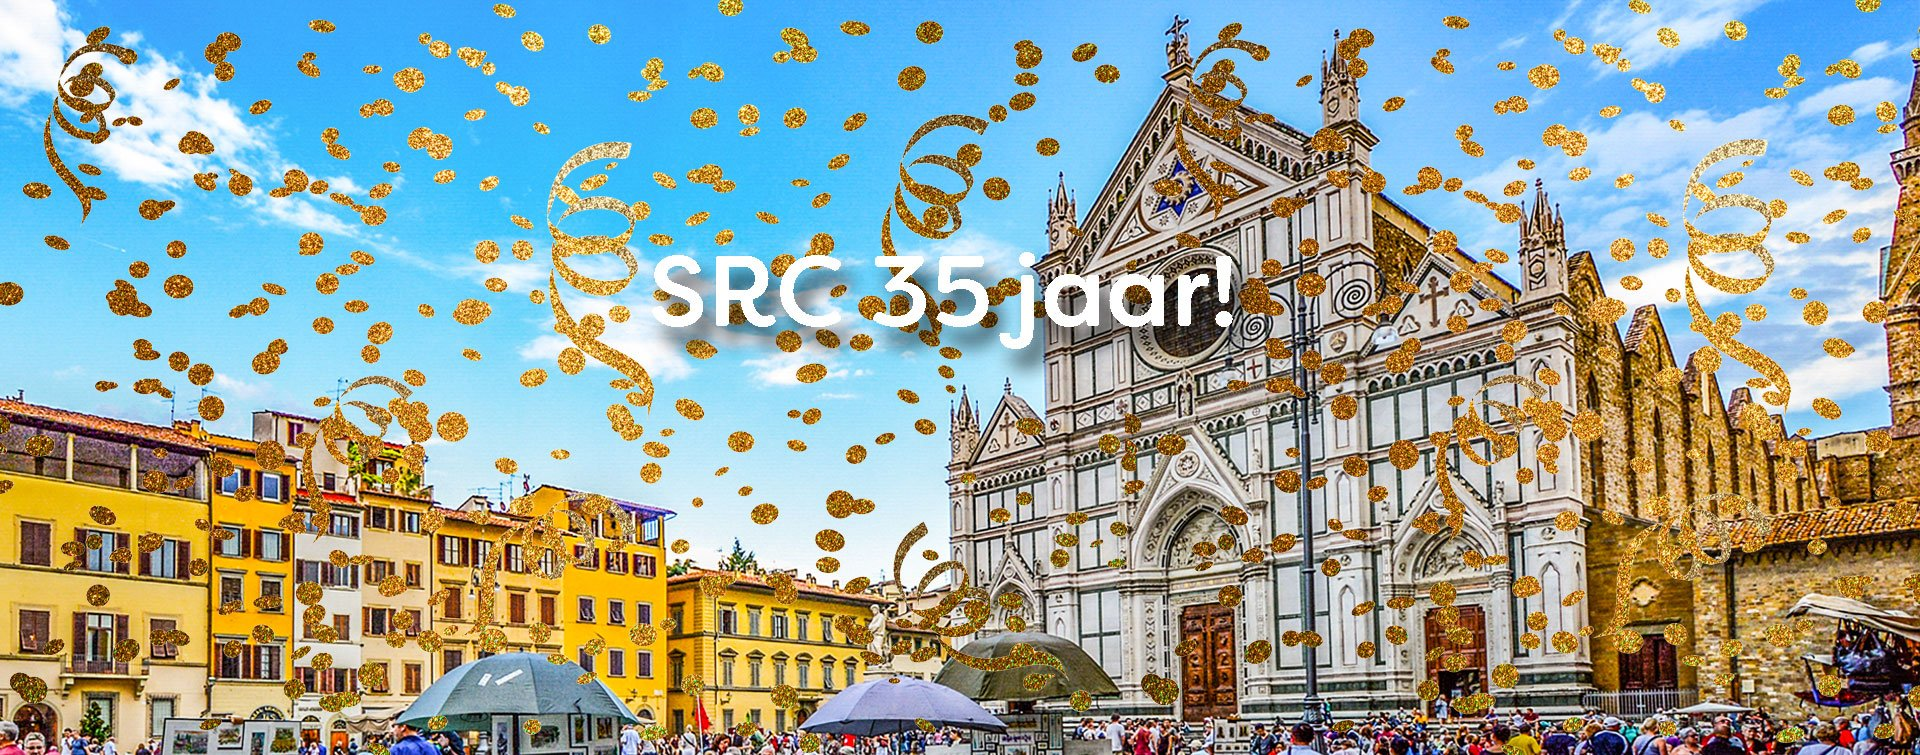 Homepage 4 SRC 35 jaar